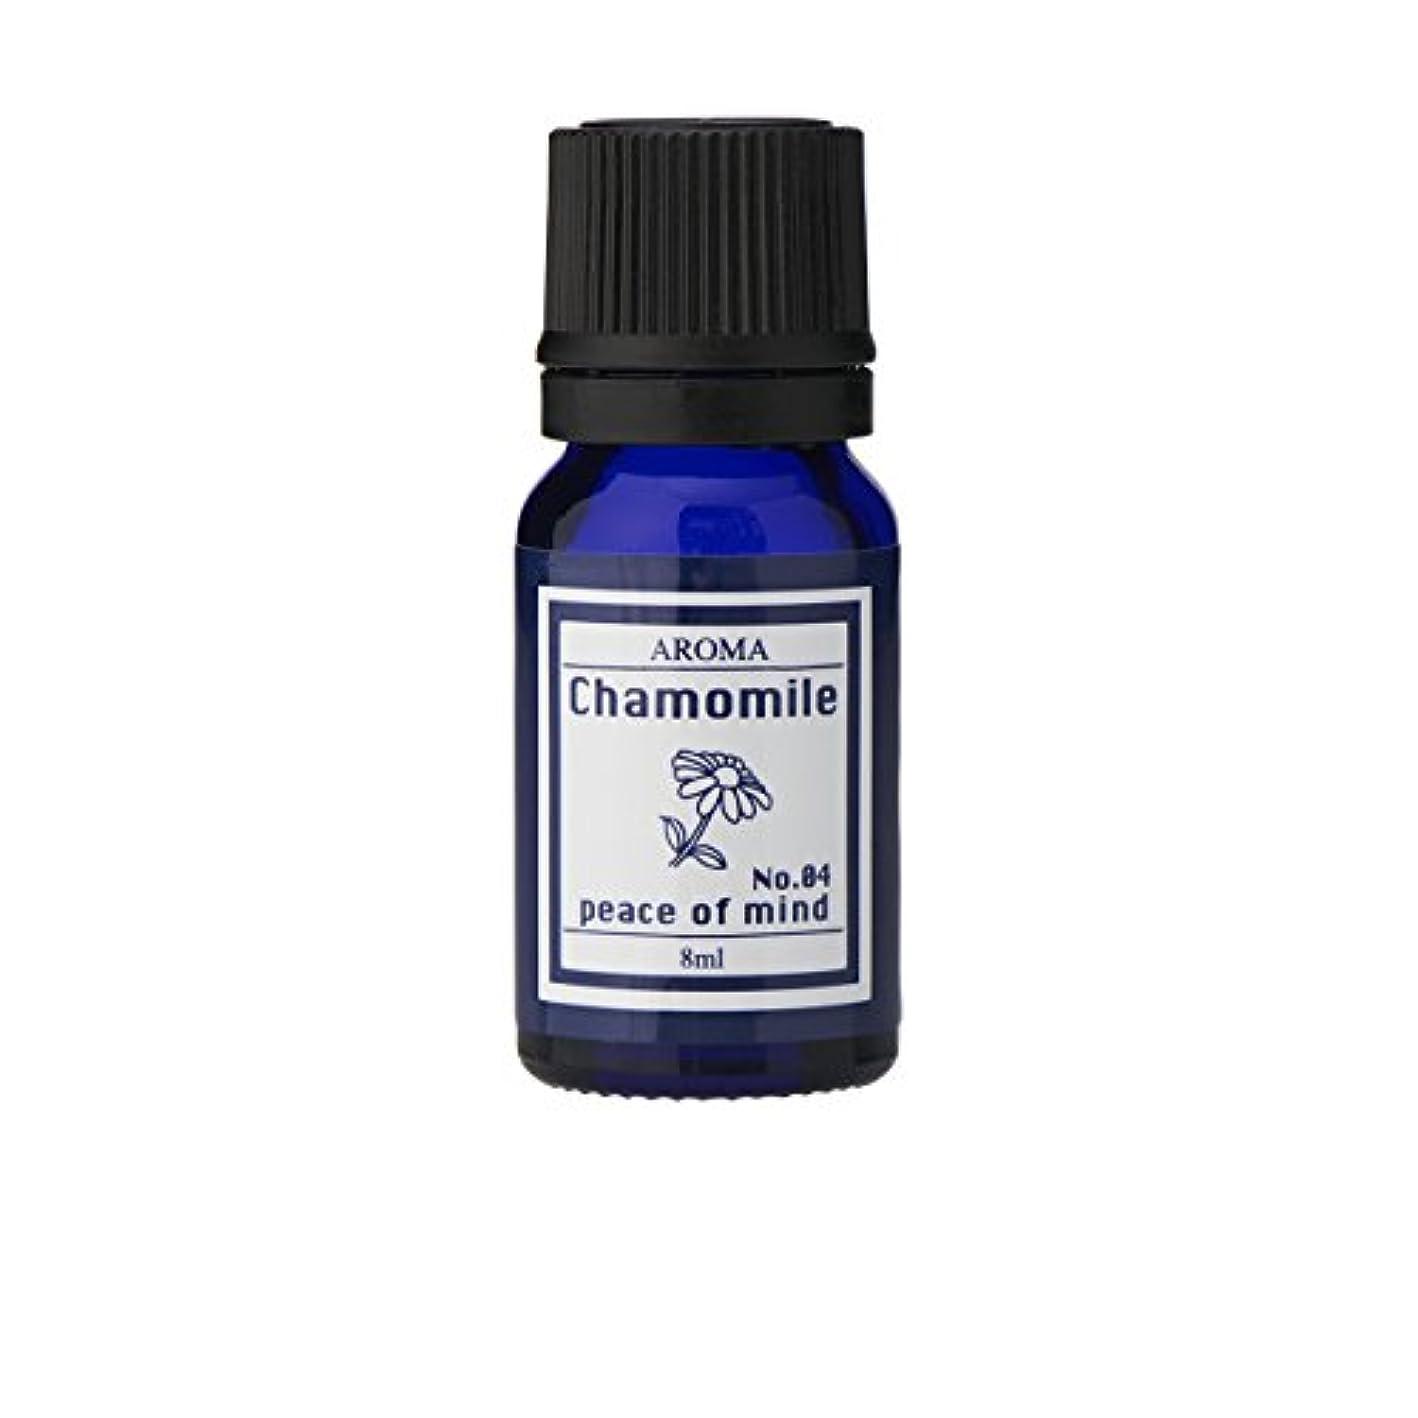 フリンジいくつかの海藻ブルーラベル アロマエッセンス8ml カモマイル(アロマオイル 調合香料 芳香用)